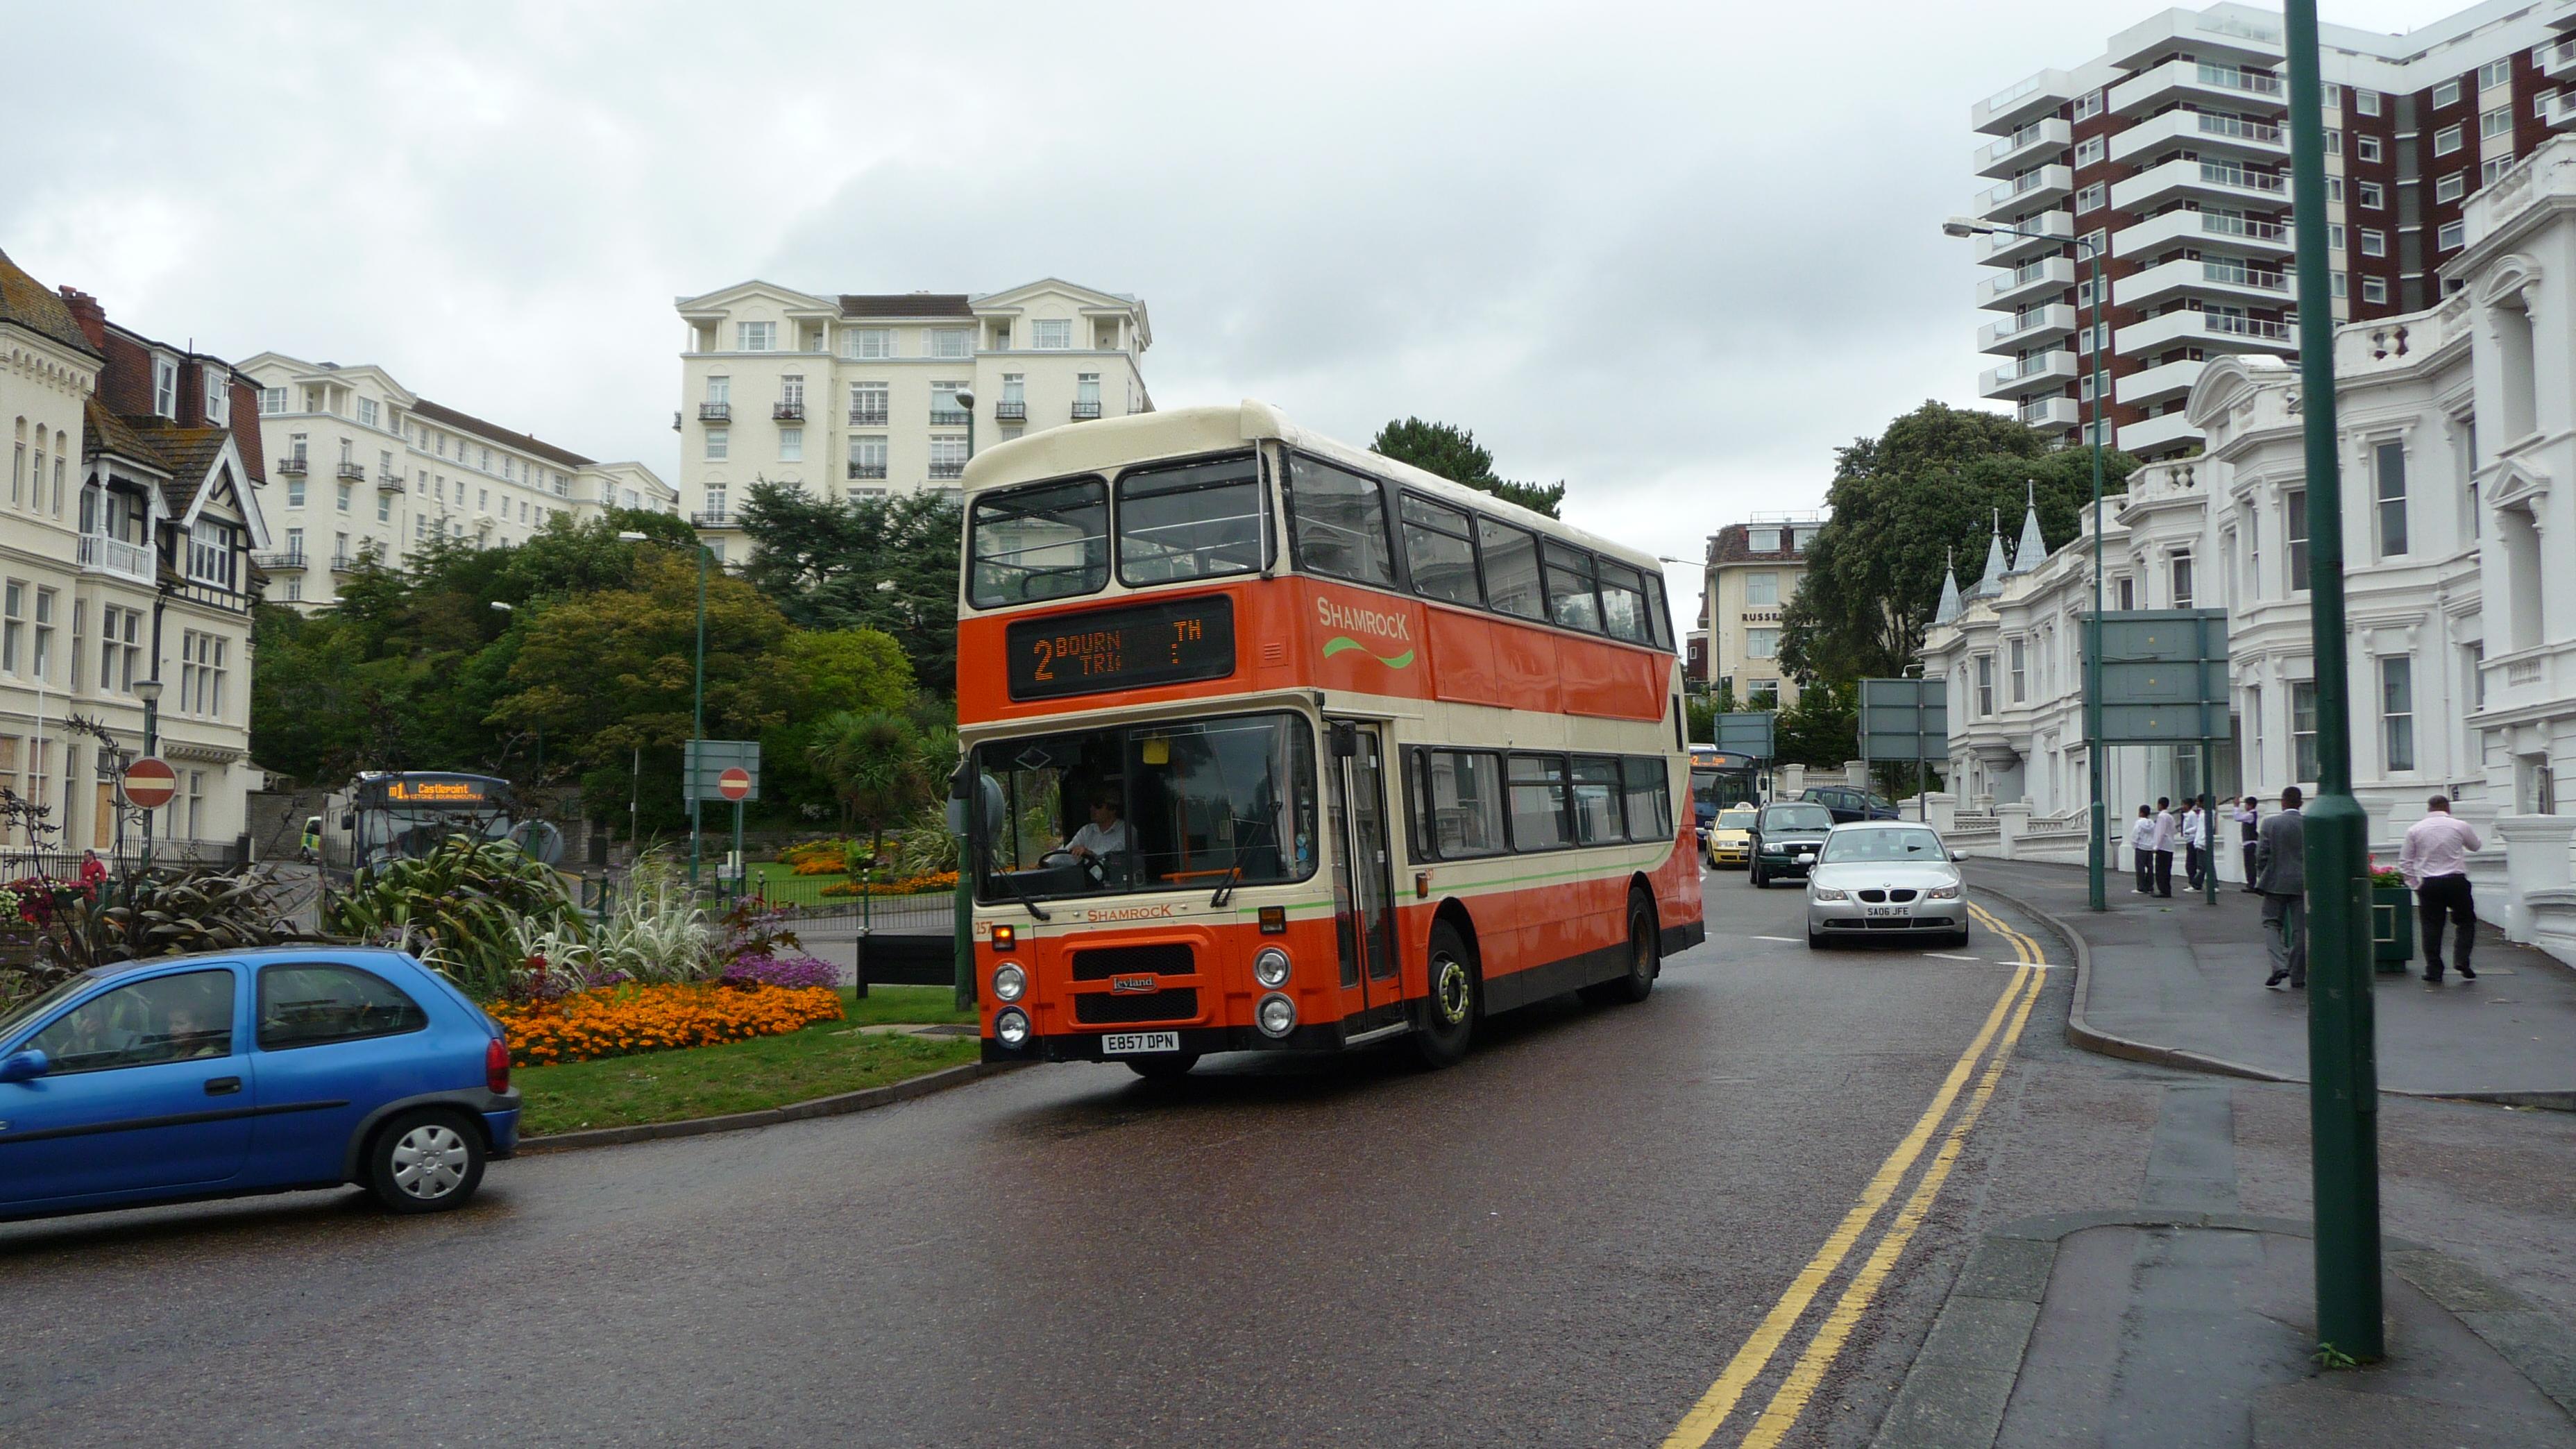 shamrock buses 257 e857 dpn.jpg